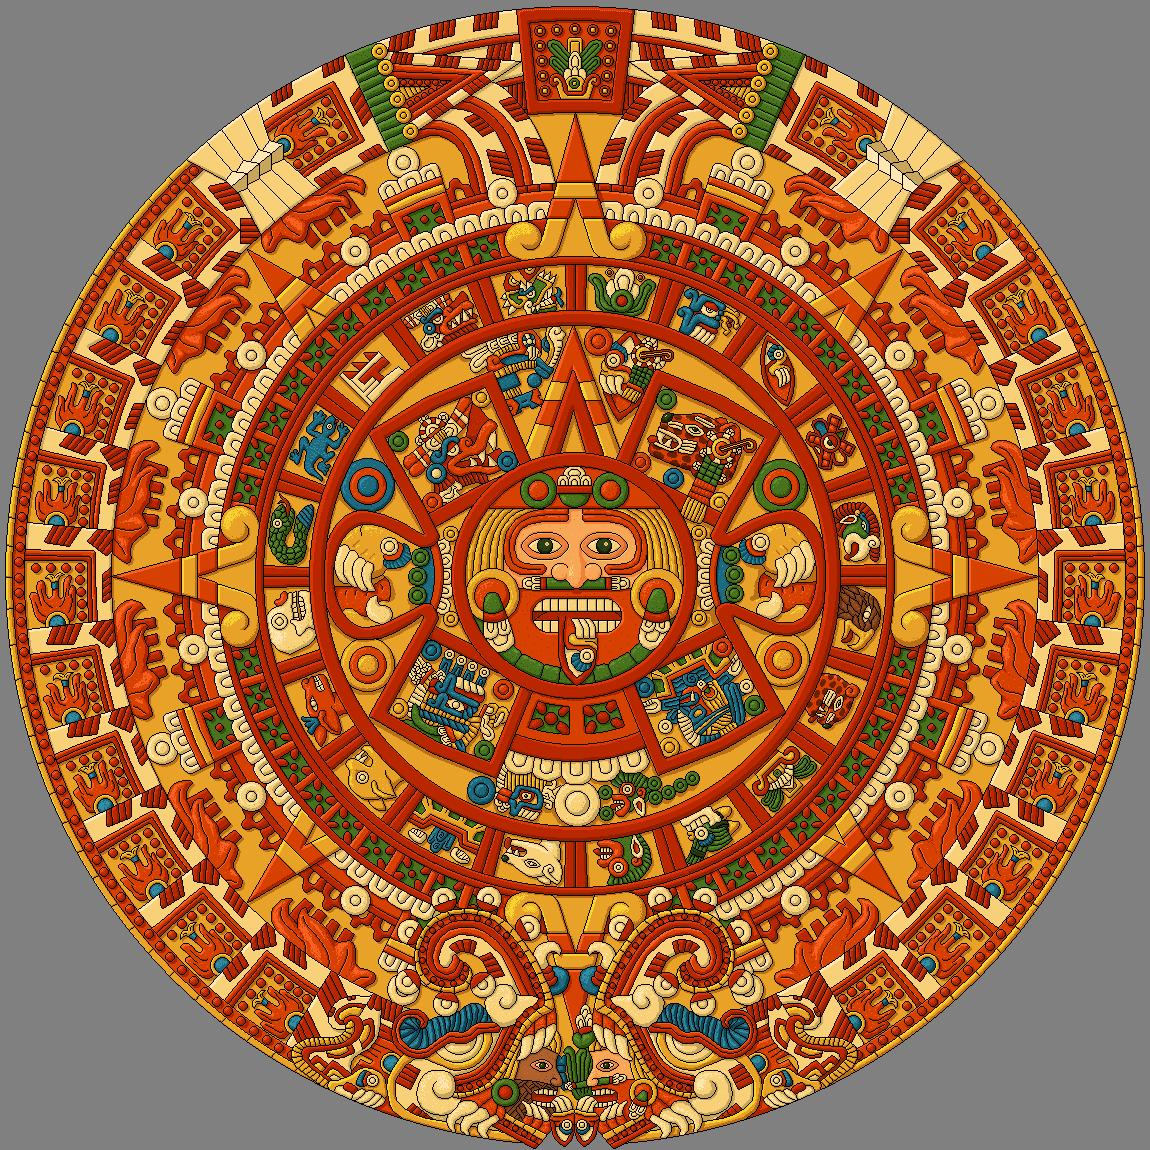 Aztec Calendar Drawing : Aztec calendar by kyodai on deviantart